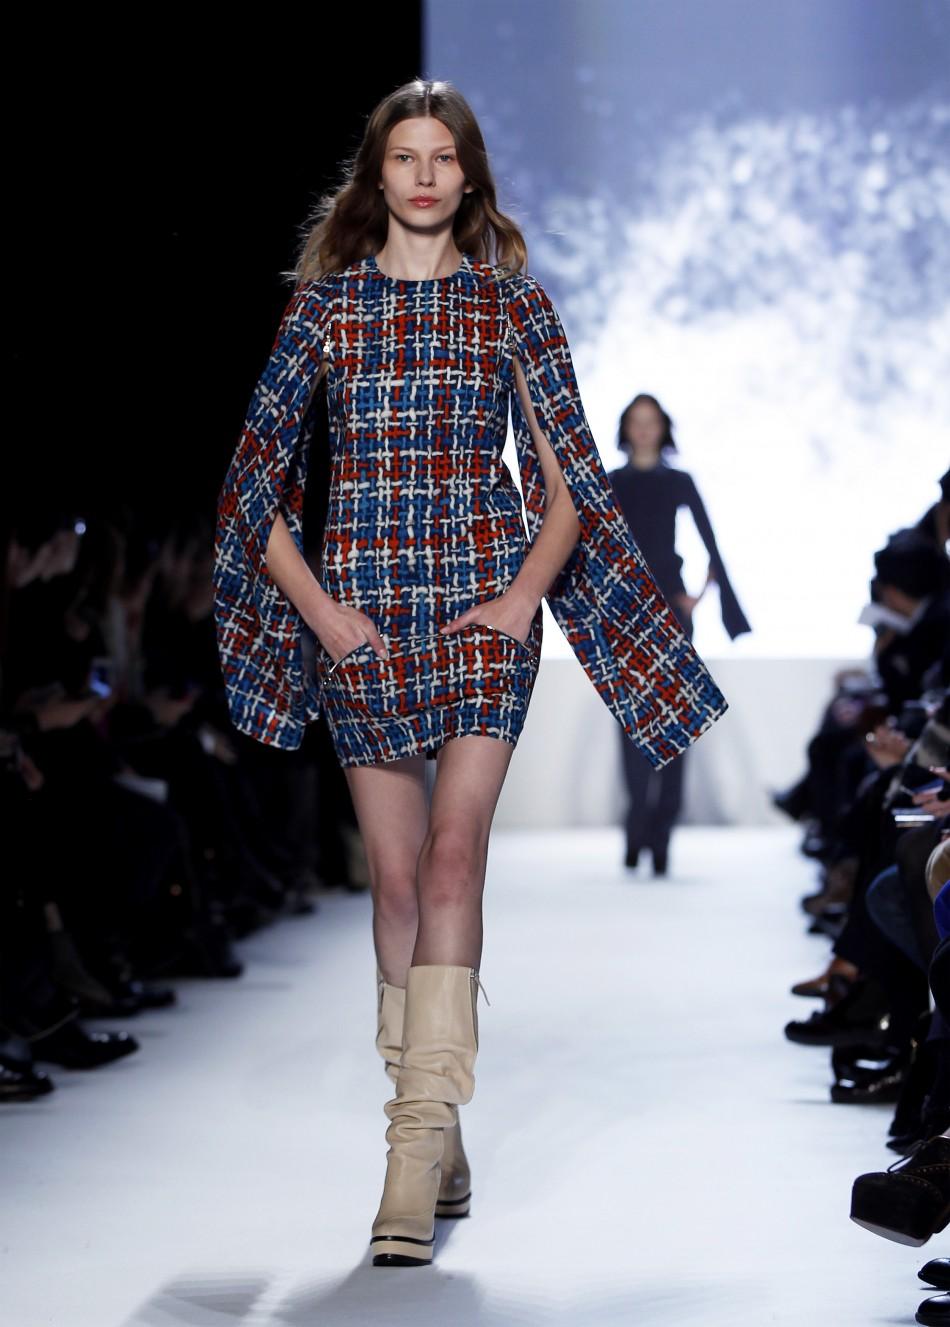 Fashion World,World Fashion